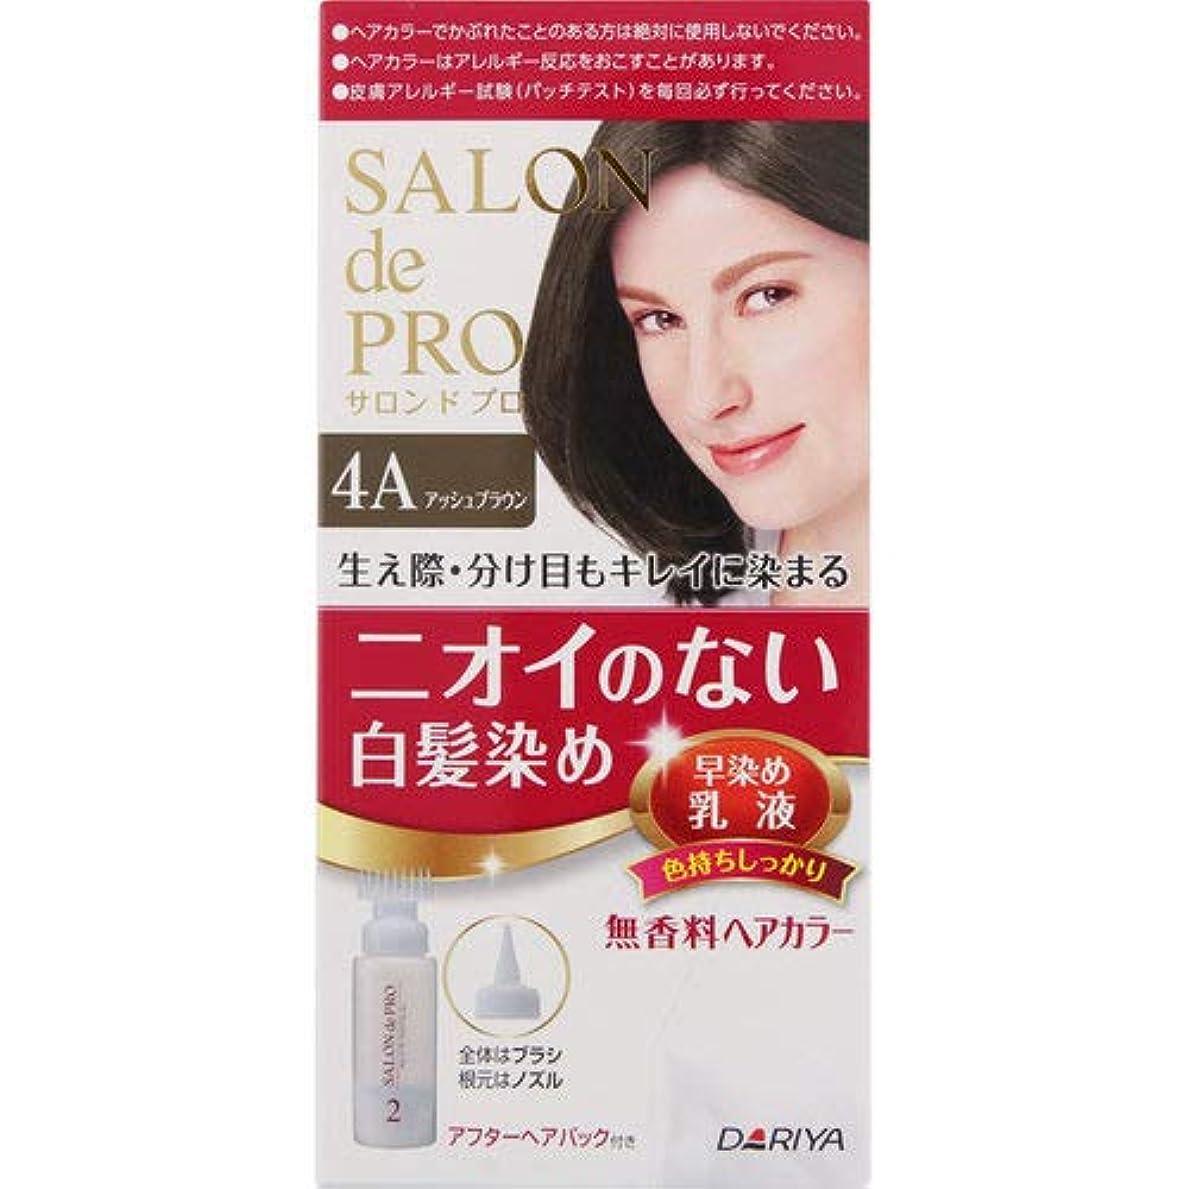 相談グロースポンサーサロンドプロ無香料ヘアカラー早染め乳液4A(アッシュブラウン)